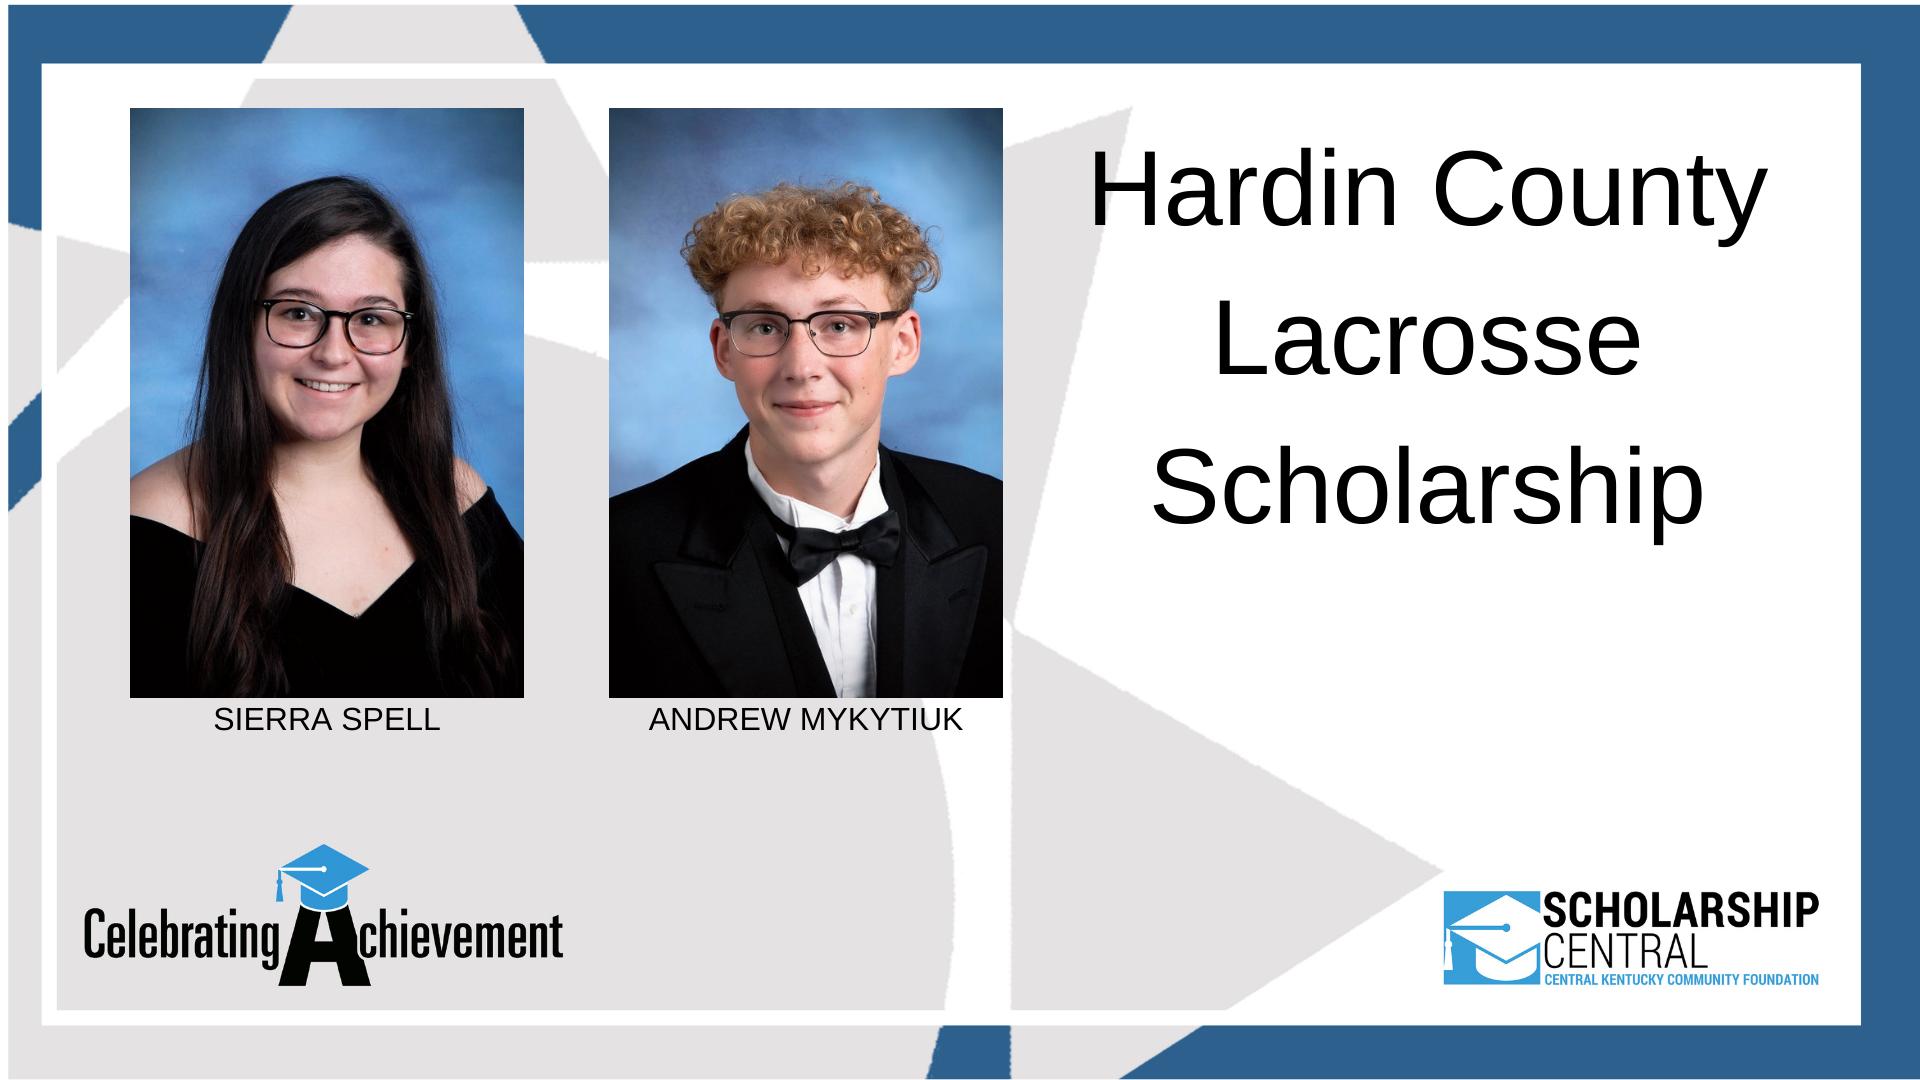 Hardin County Lacrosse Scholarship Winners